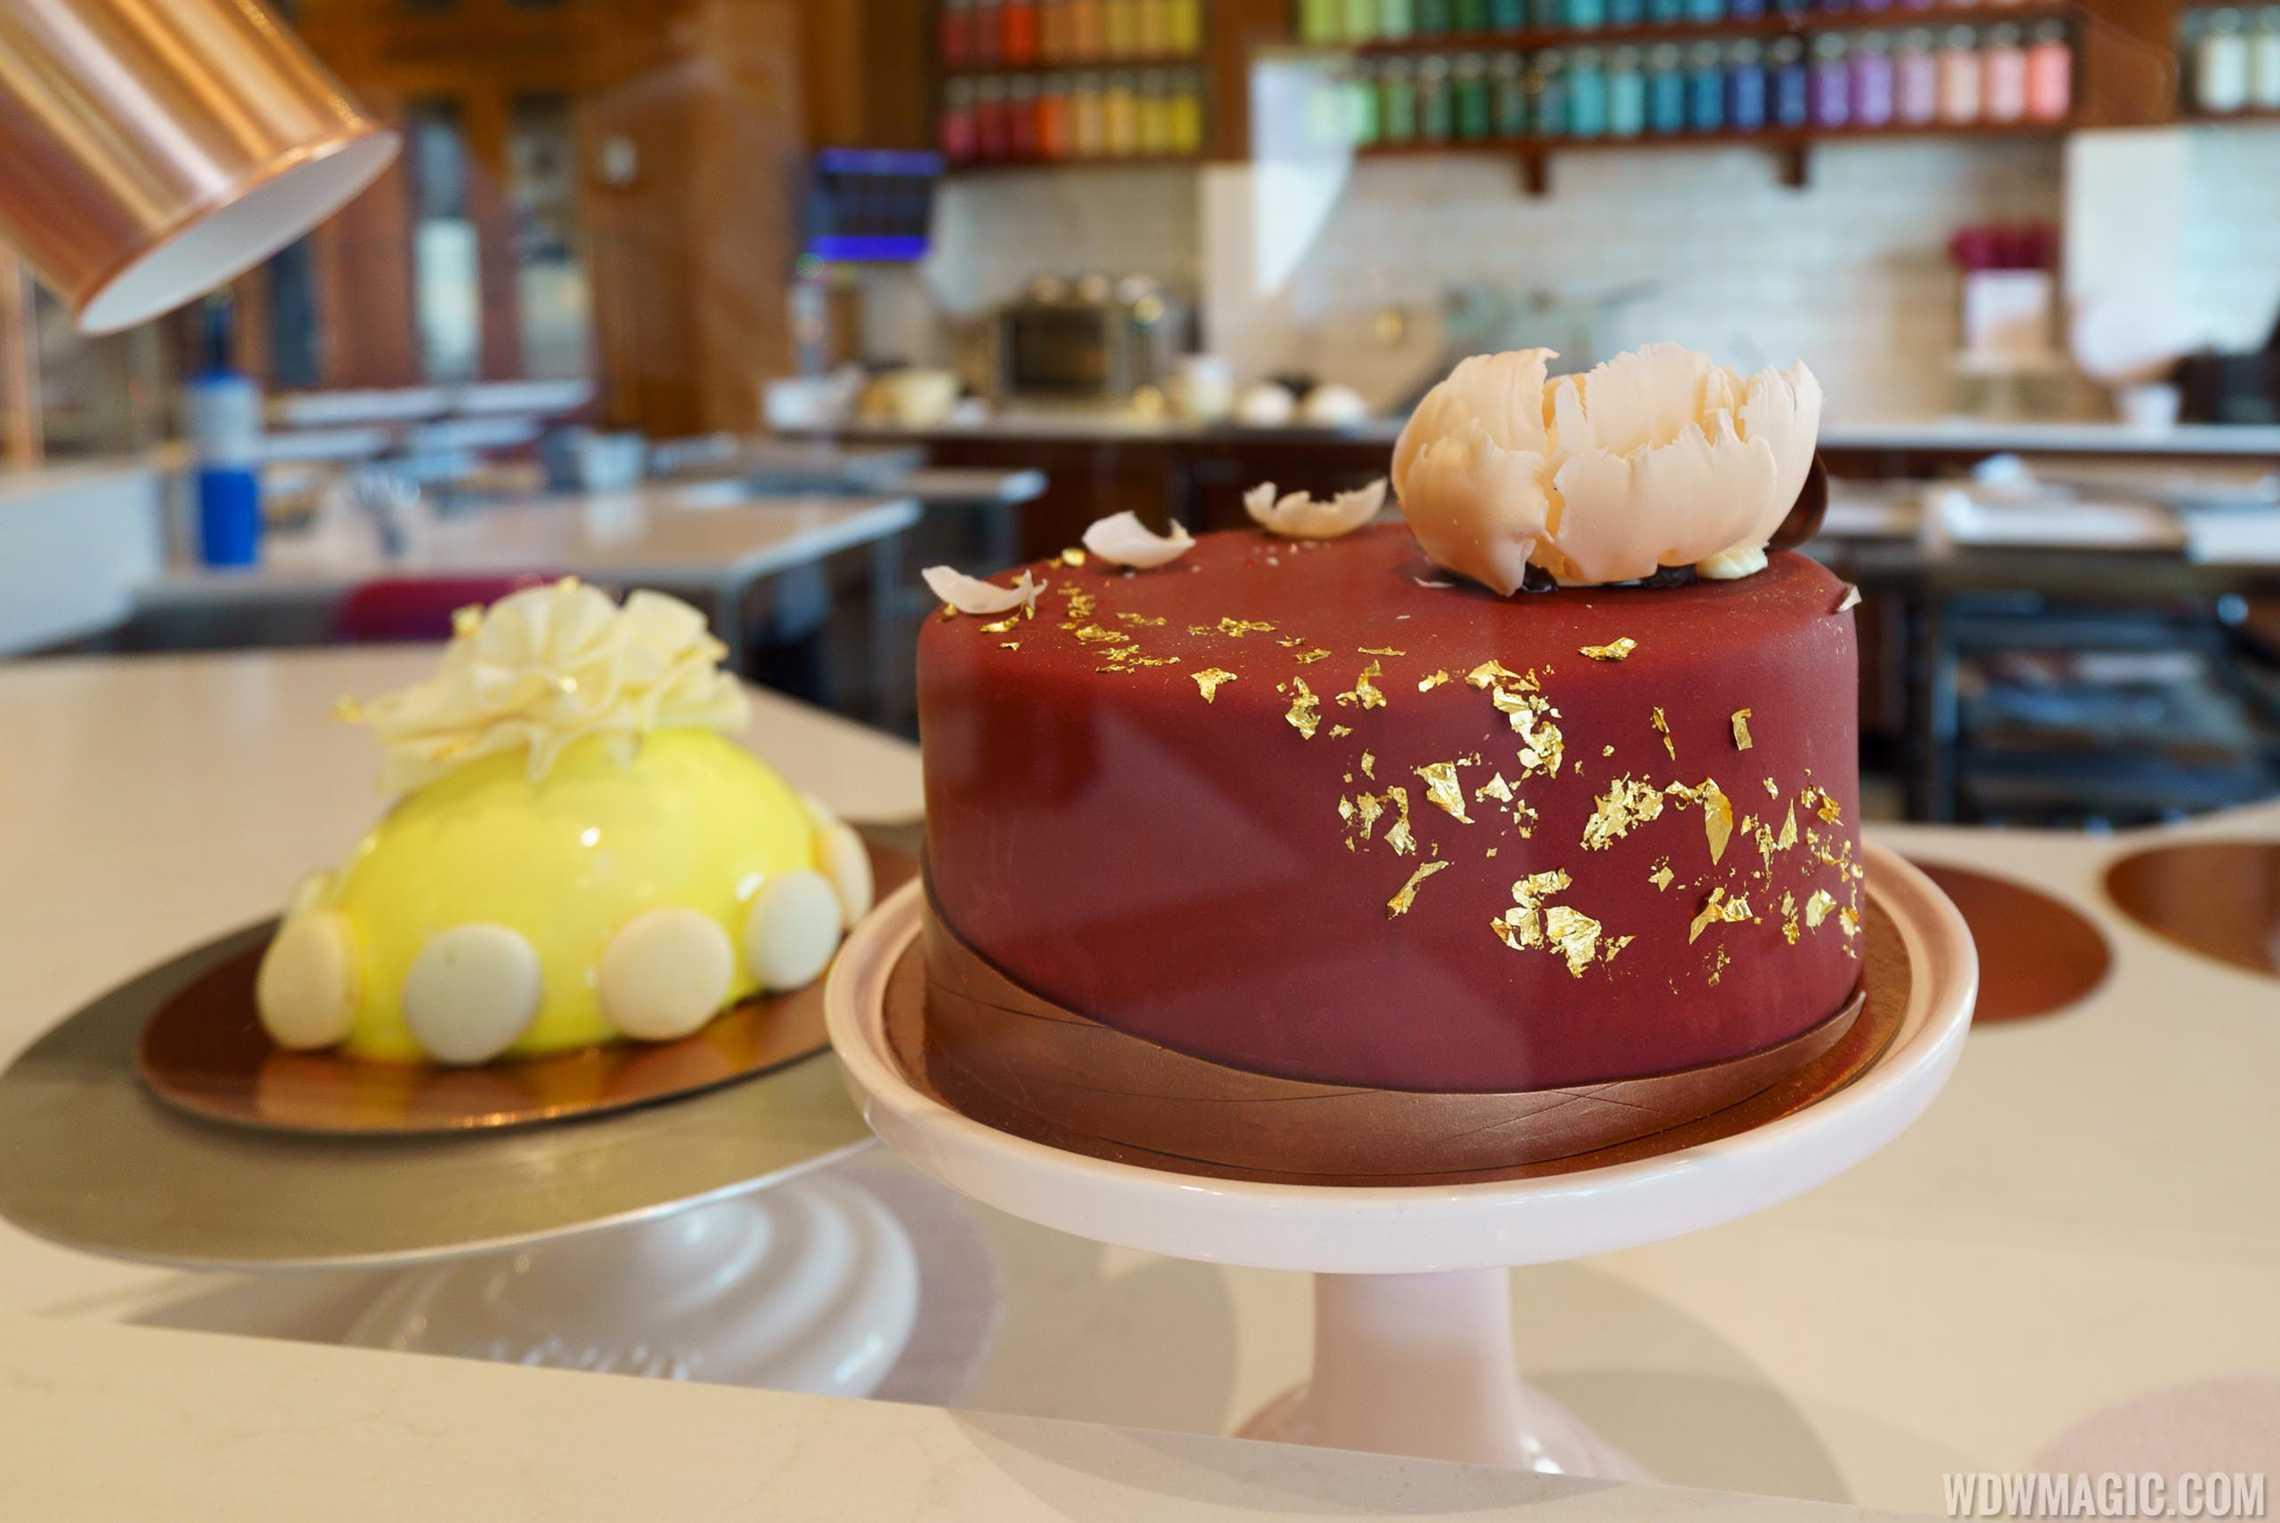 Amorette's Patisserie - Amorette's Signature 11 Layer Cake